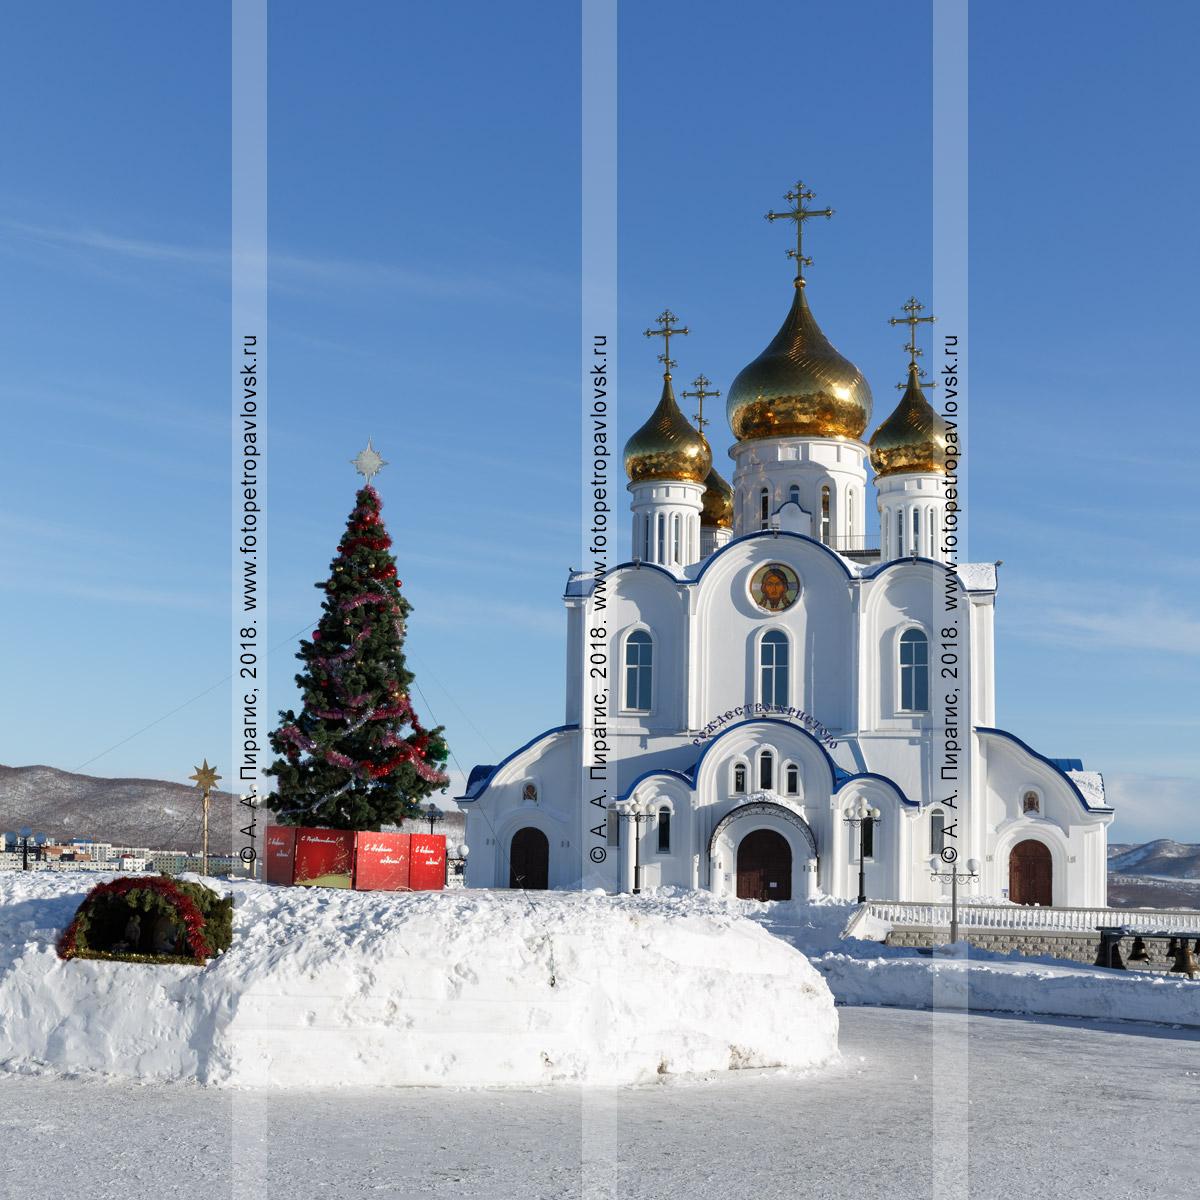 Фотография: кафедральный собор во имя Святой Живоначальной Троицы Петропавловской и Камчатской епархии Русской православной церкви